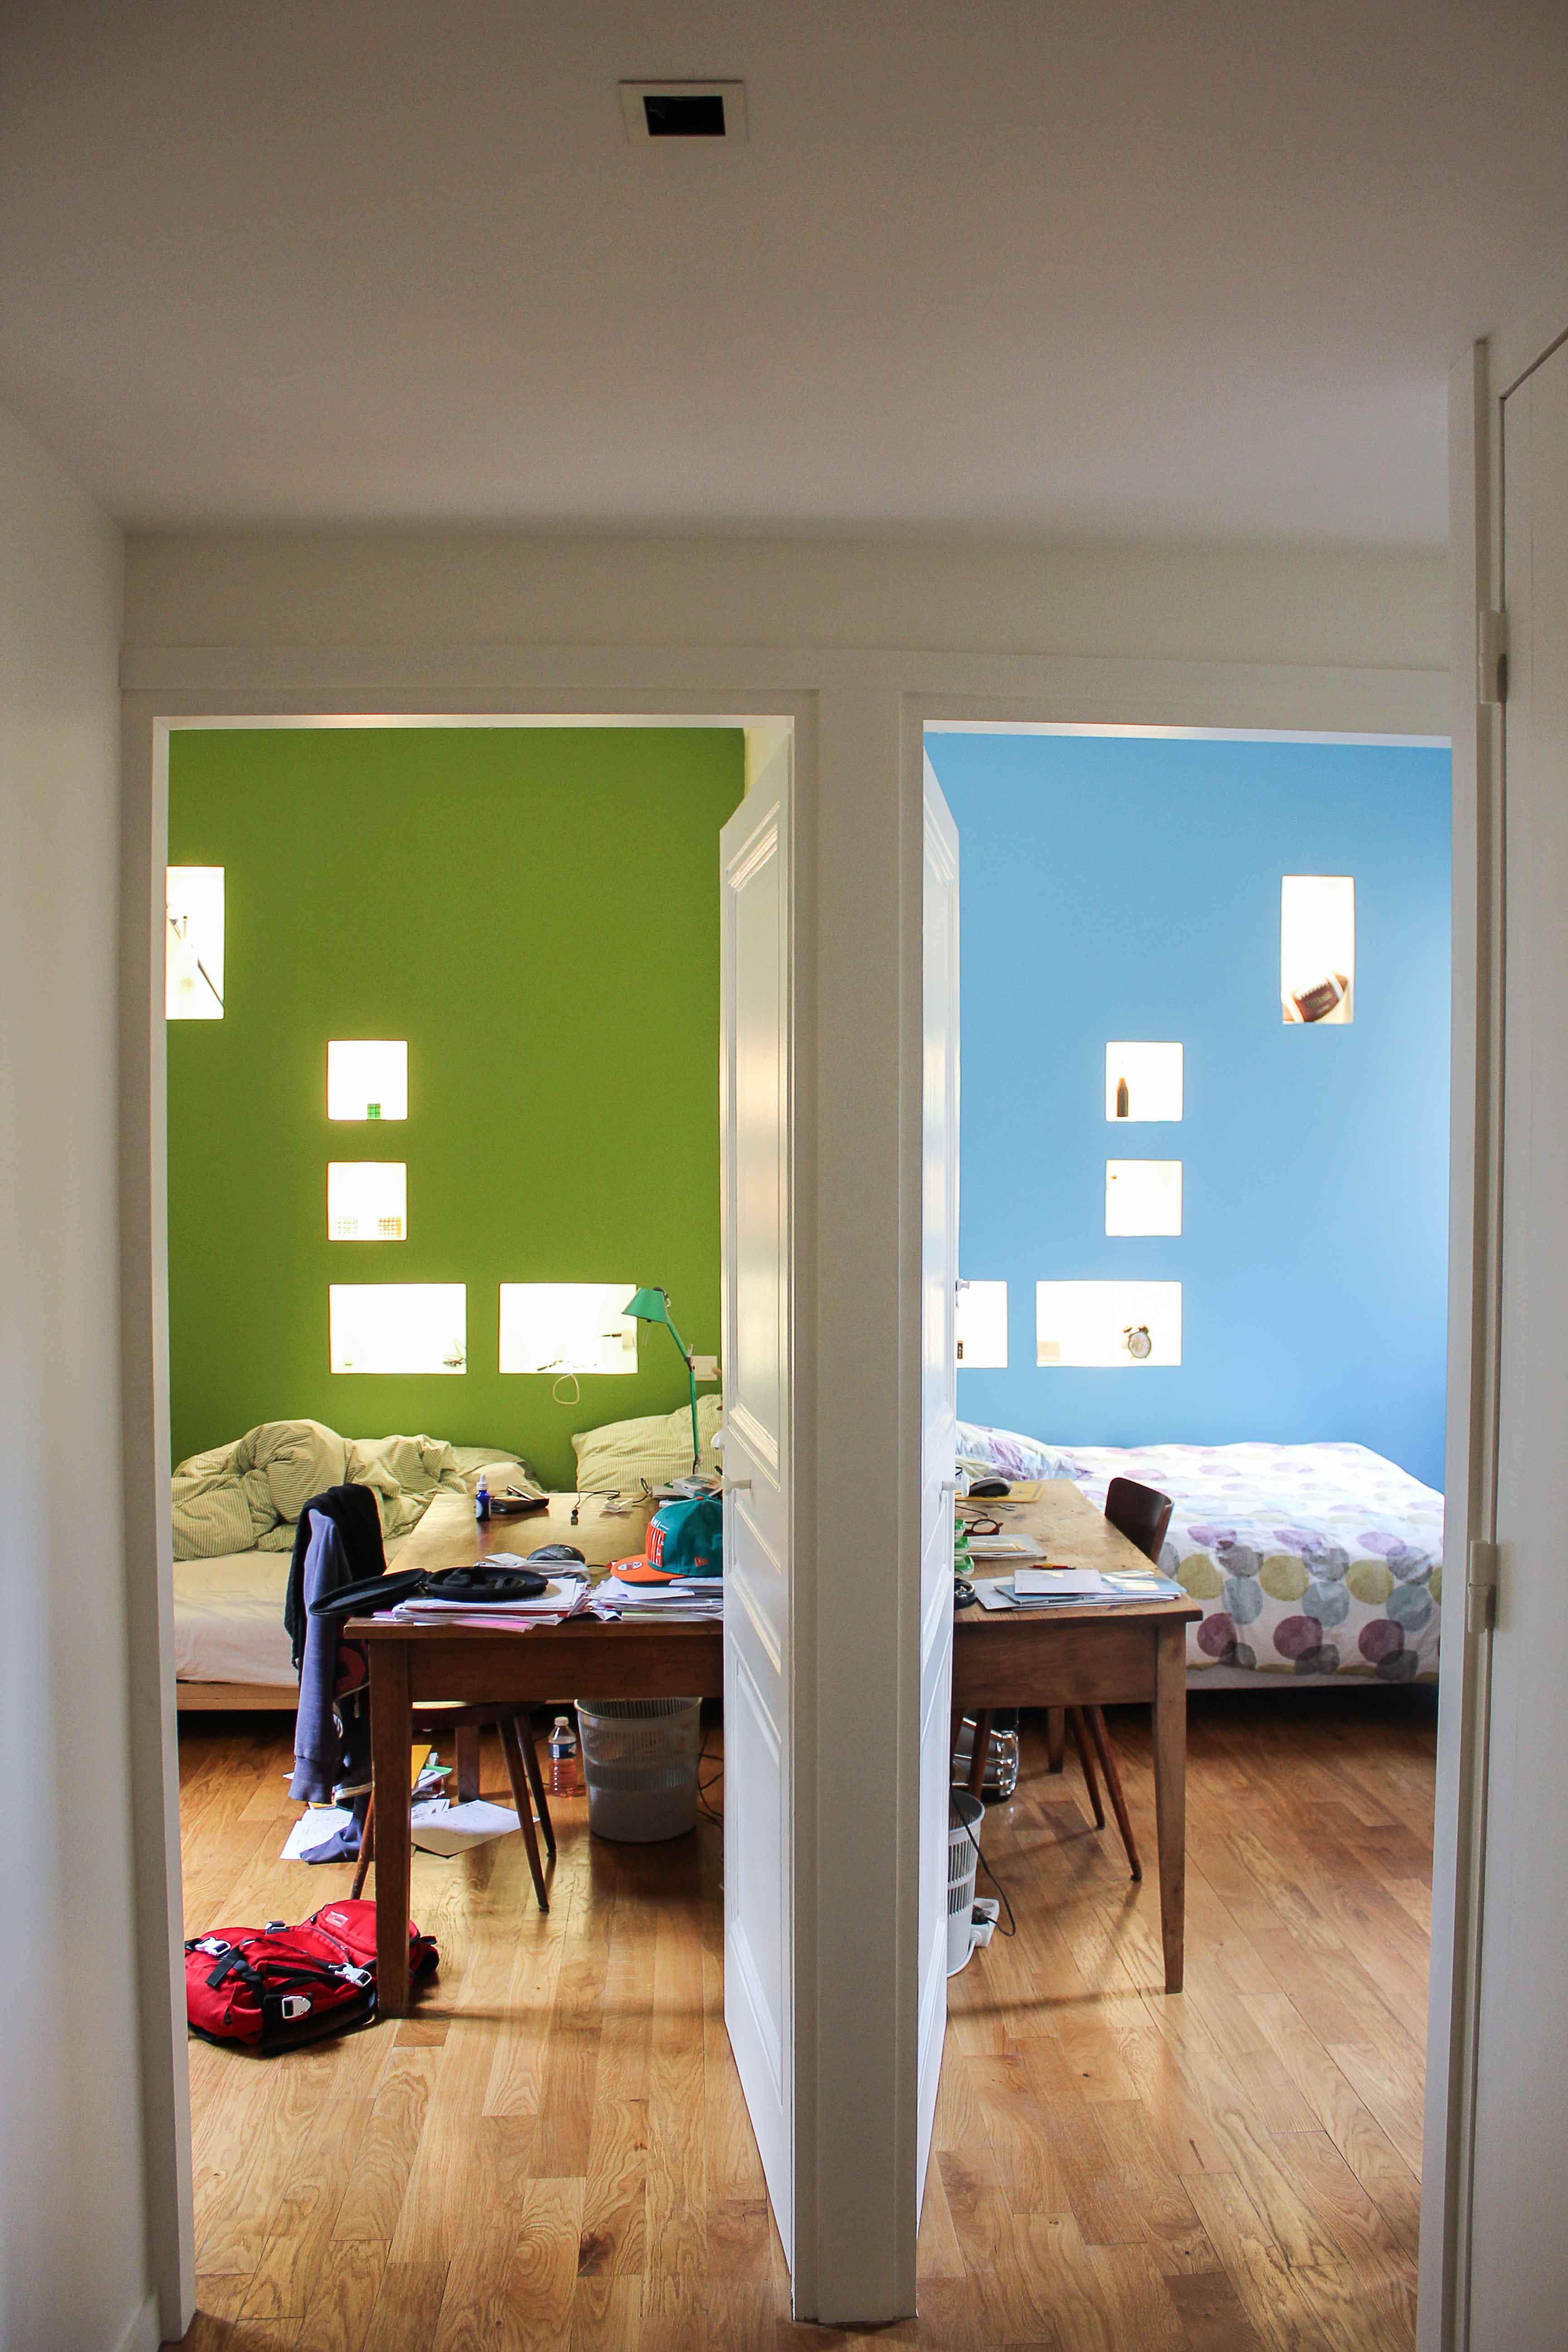 rénovation_lyon_aménagement_intérieur_architecte_appartement_décoration_intérieure